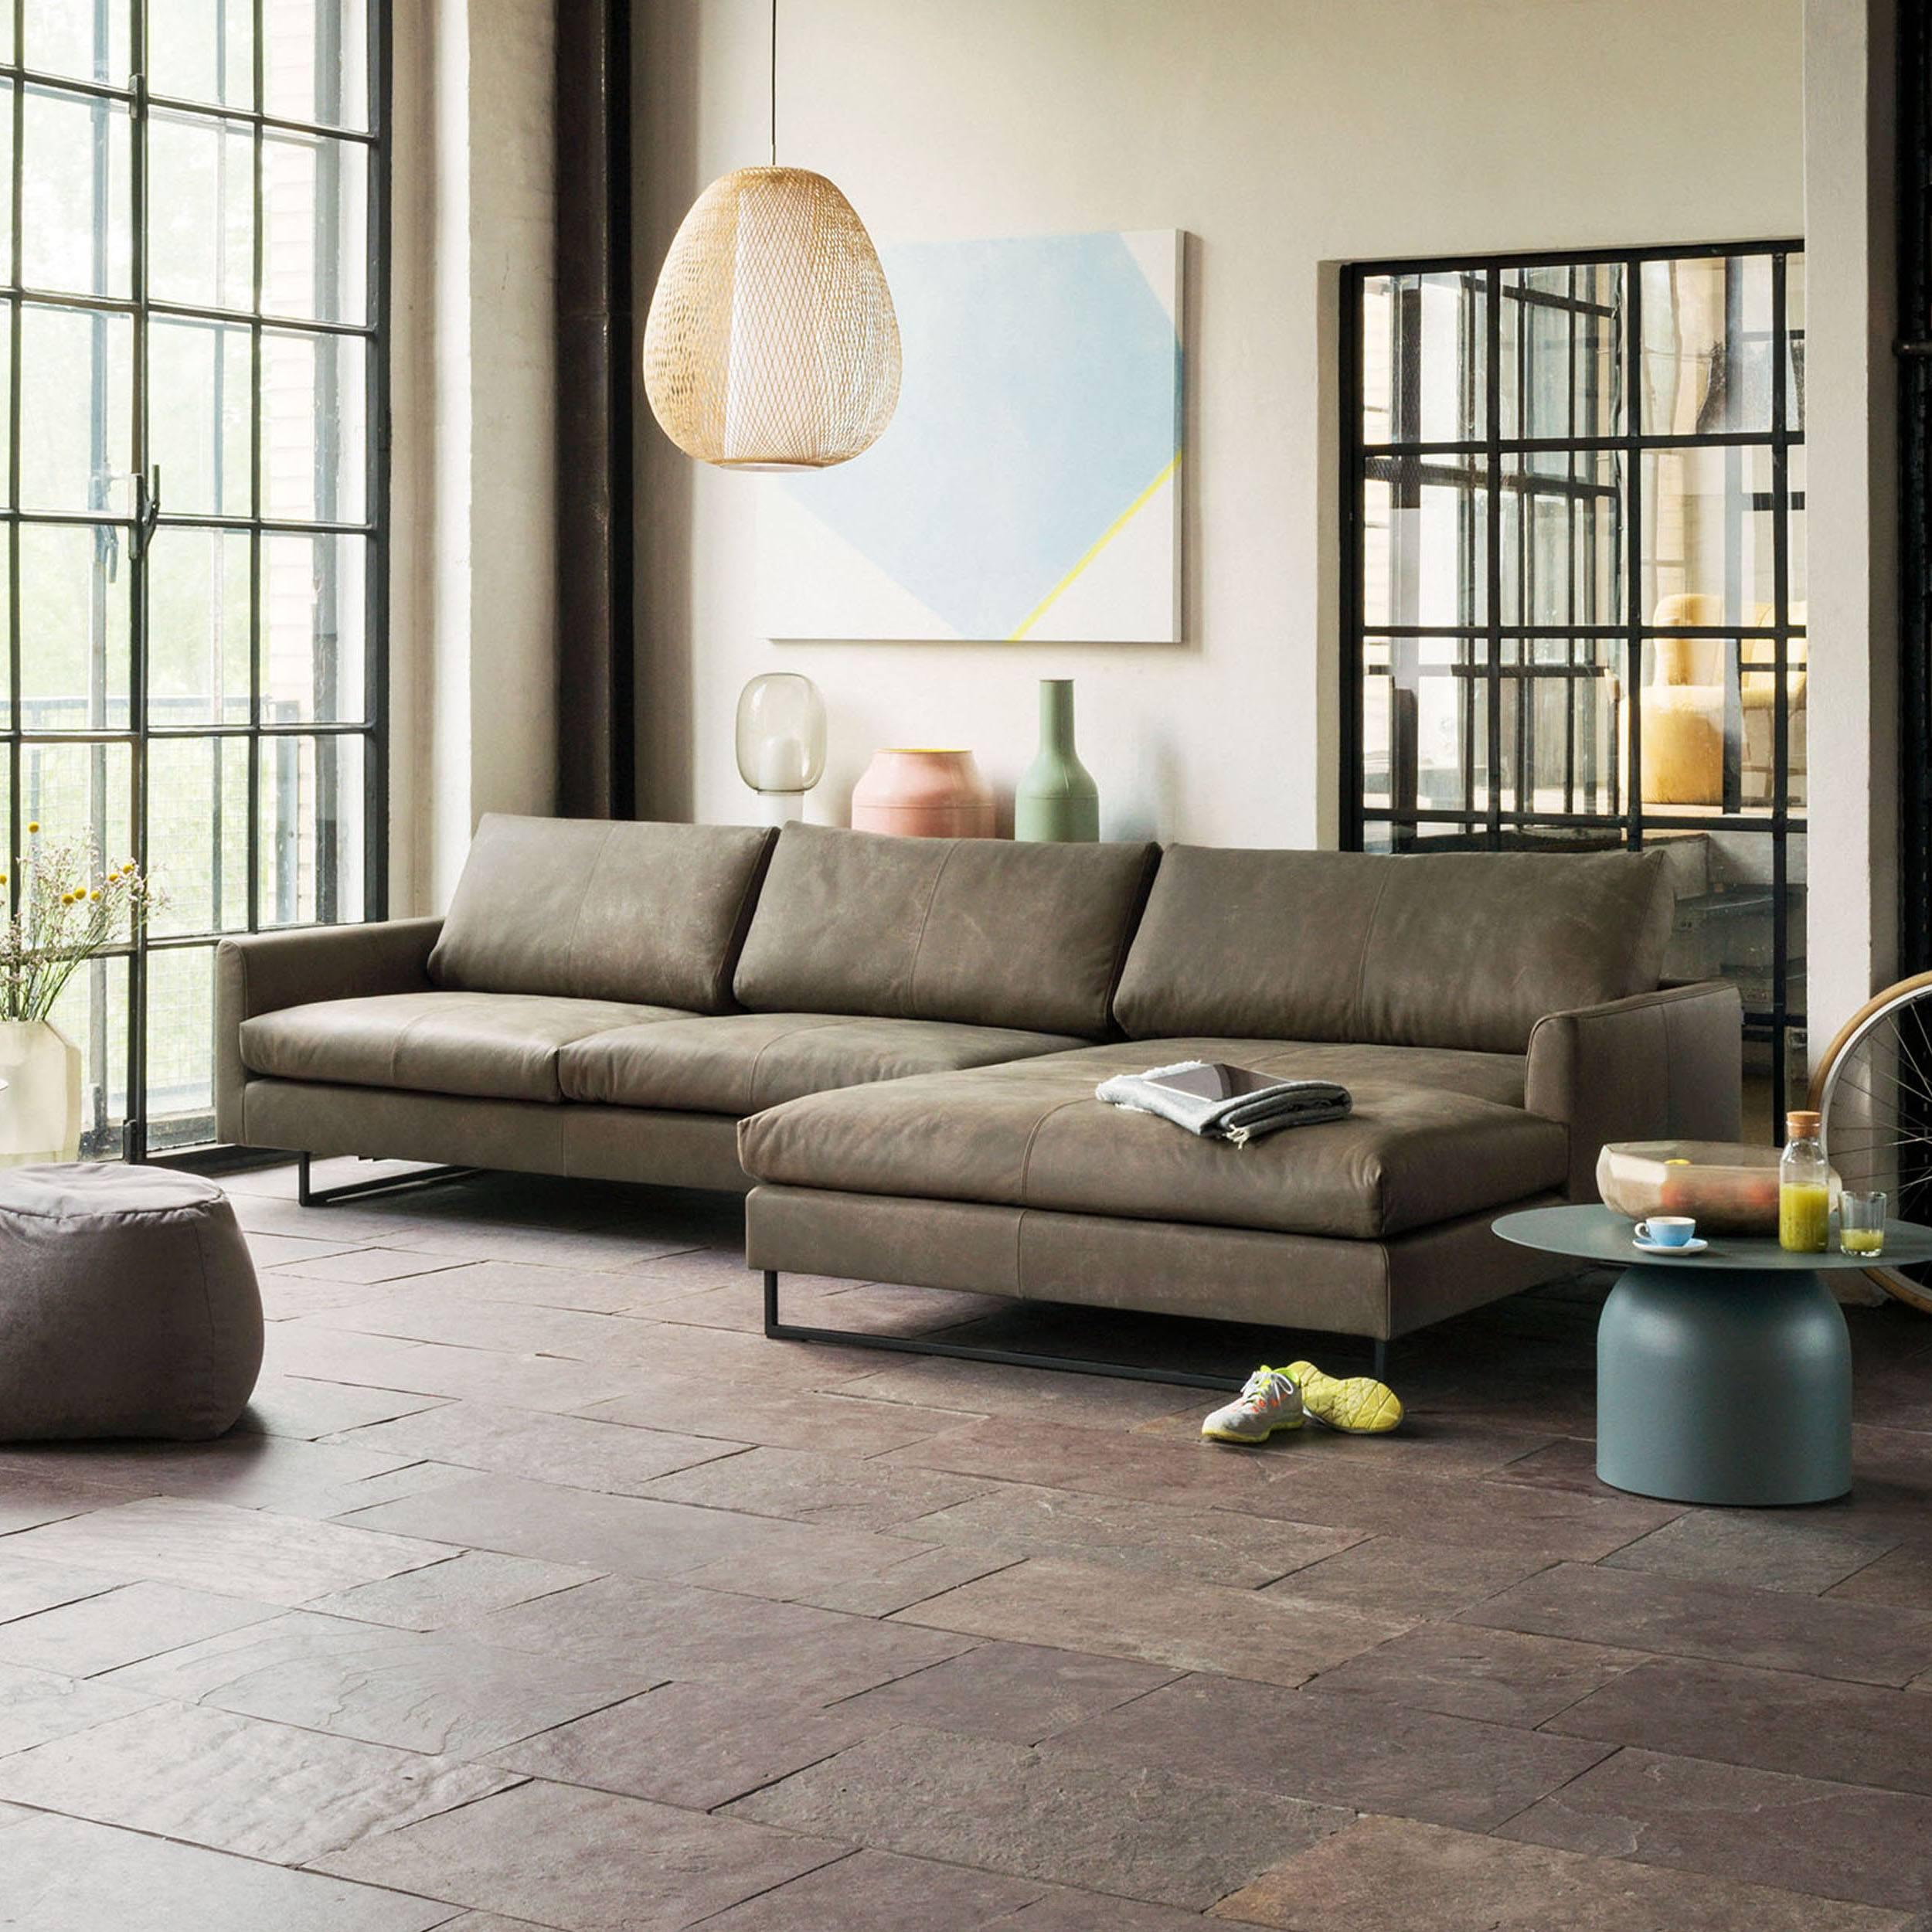 freistil 134 Sofa 2,5-Sitzer mit Longchair rechts